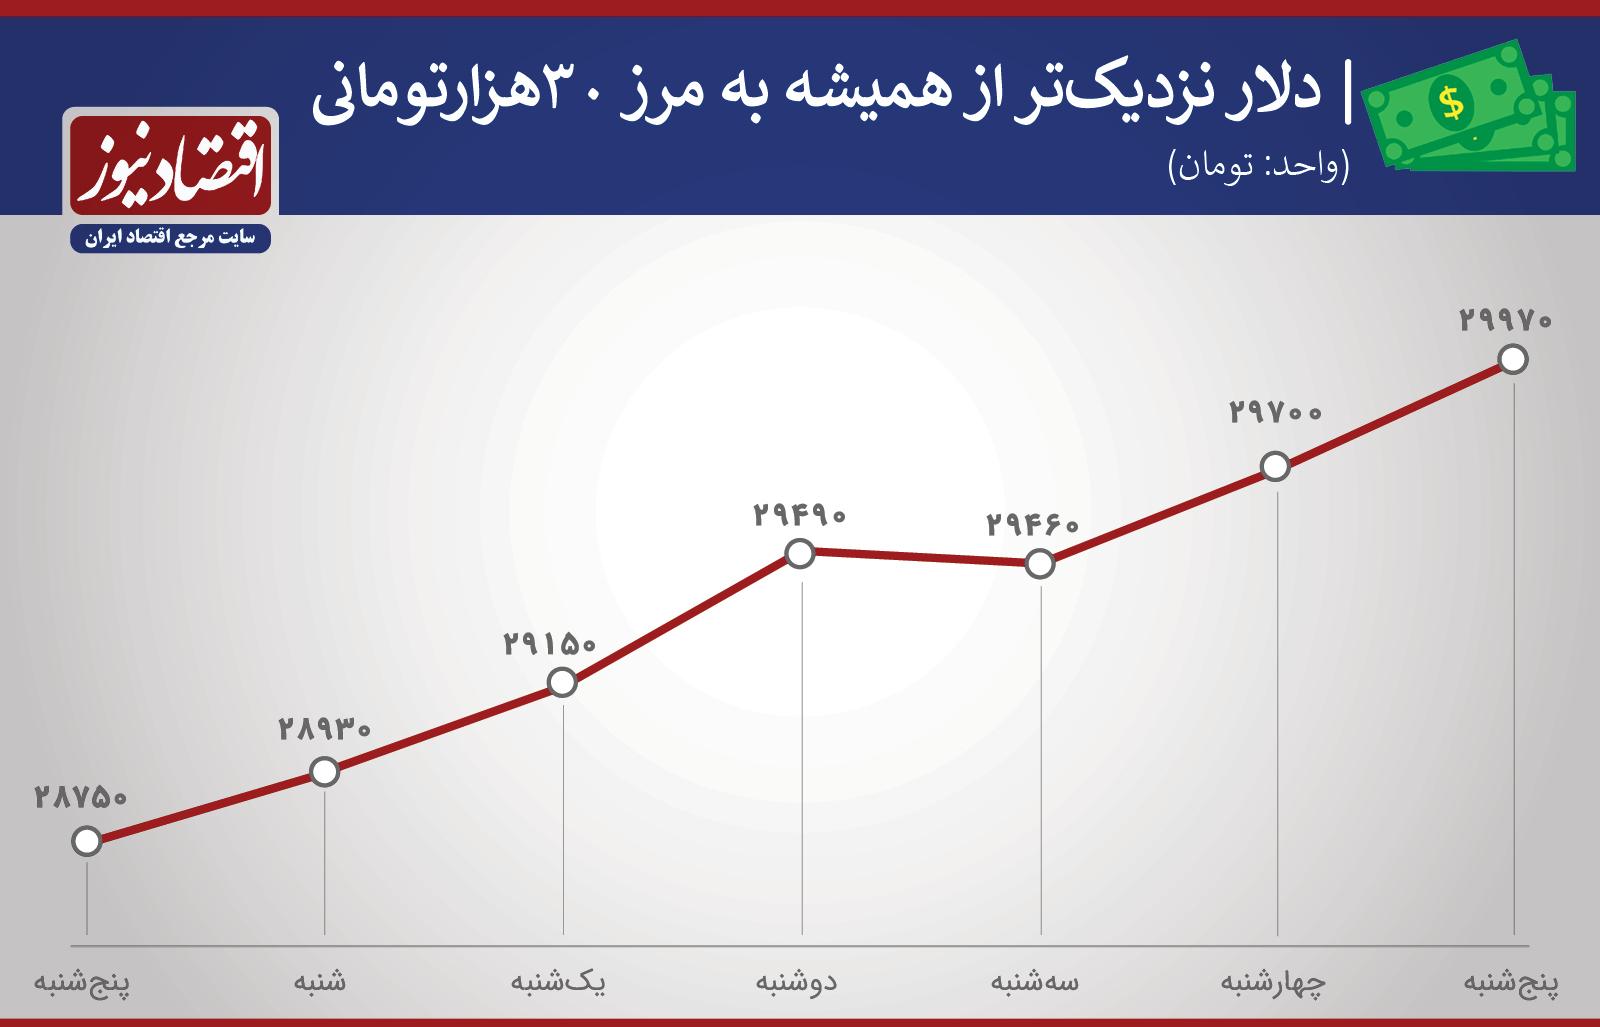 قیمت دلار در هفته سوم مهر